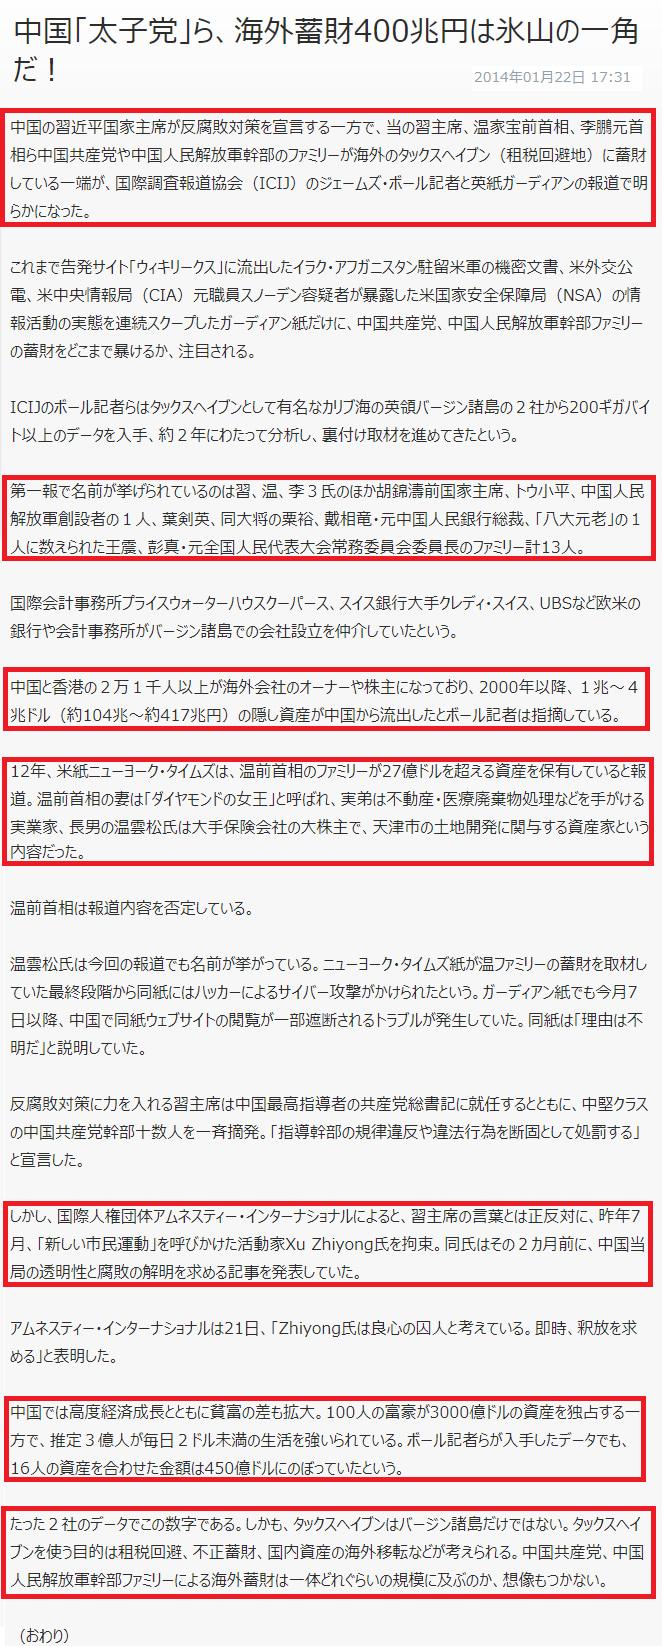 シナ太子党等、海外蓄財400兆円は氷山の一角だ!